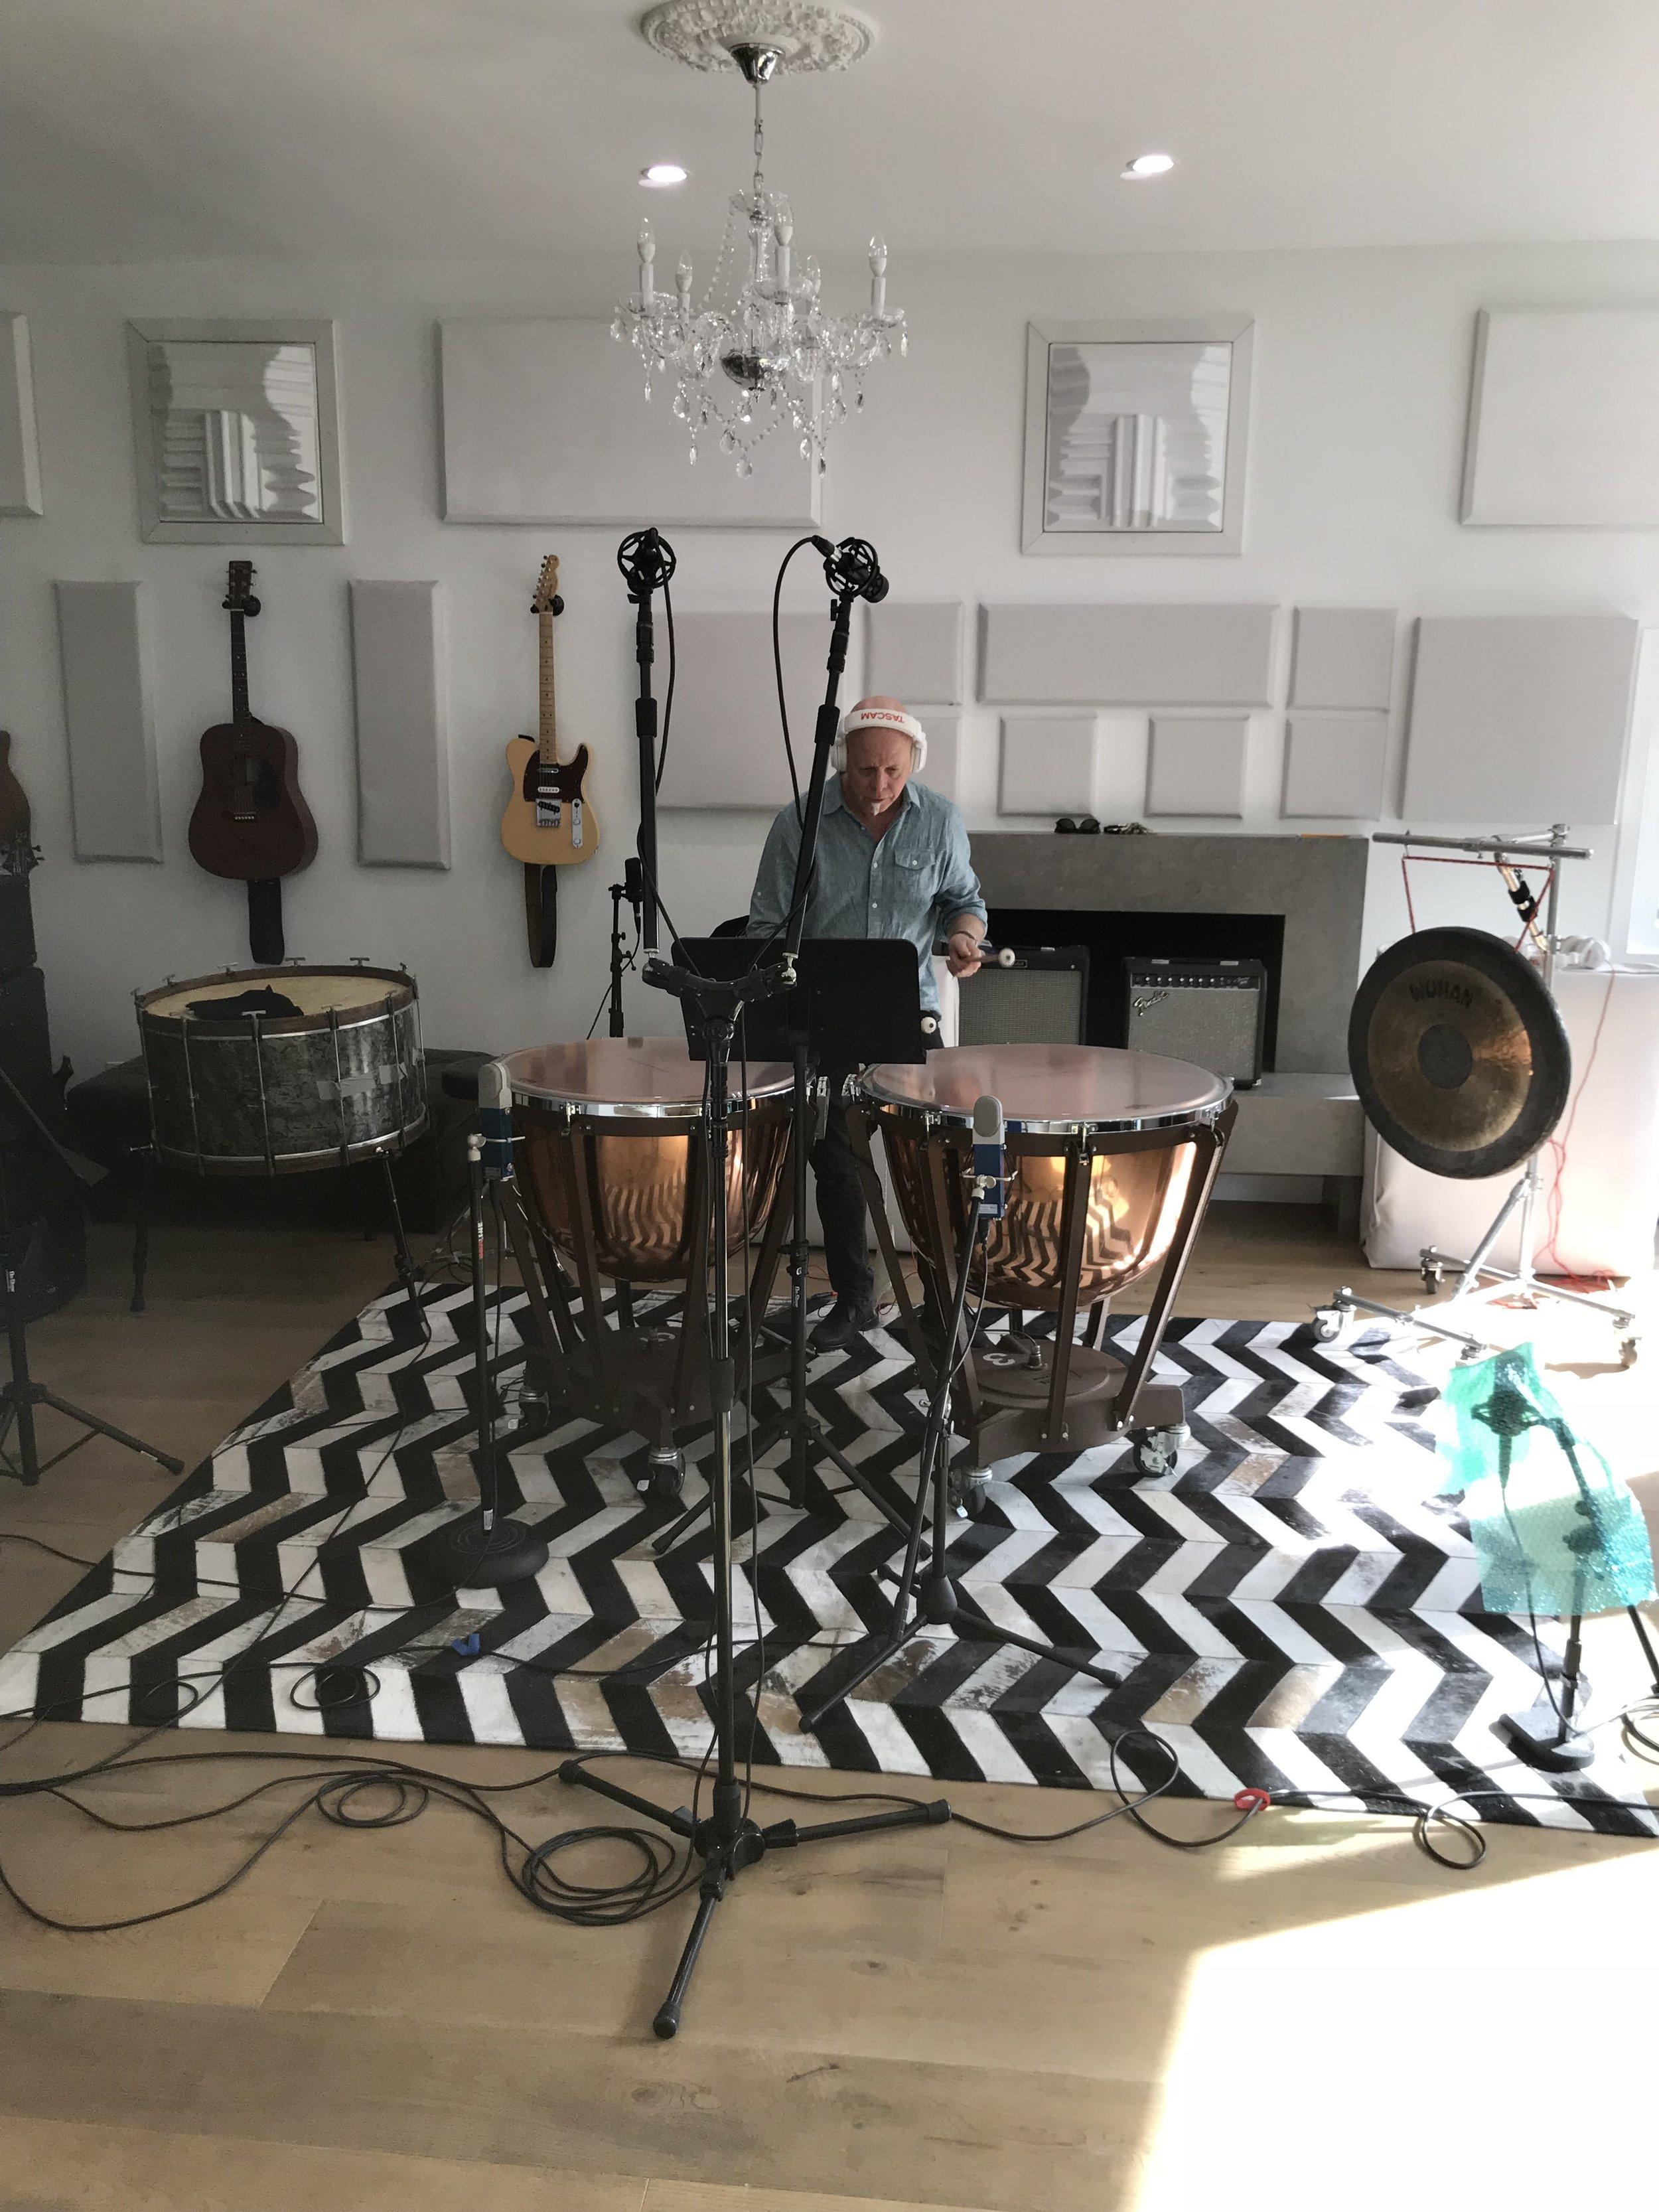 Blanck Records Live Room Drums.jpg